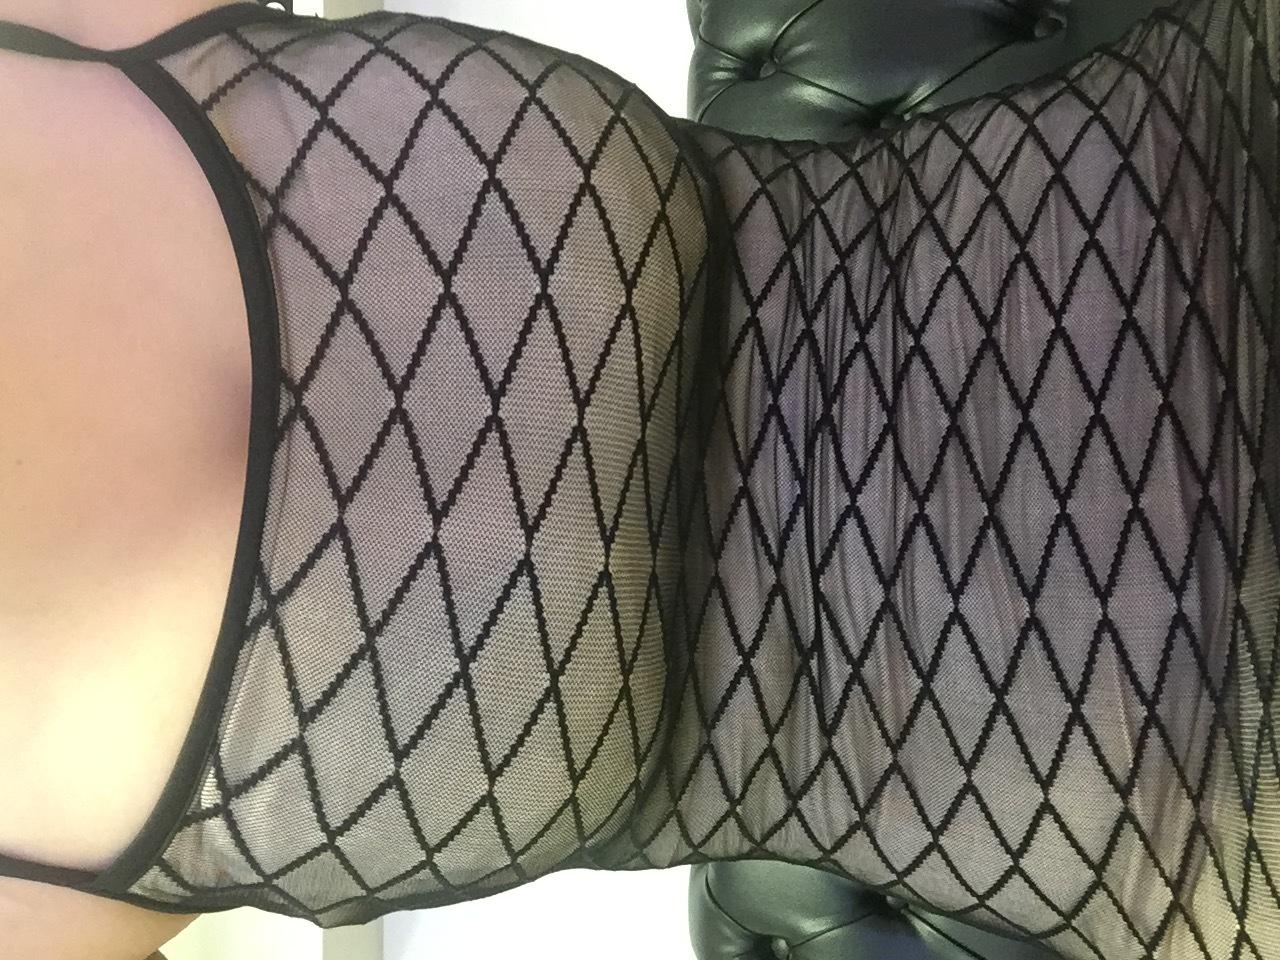 網タイツ、網ドレス?! 宮野 桃ですメイン画像